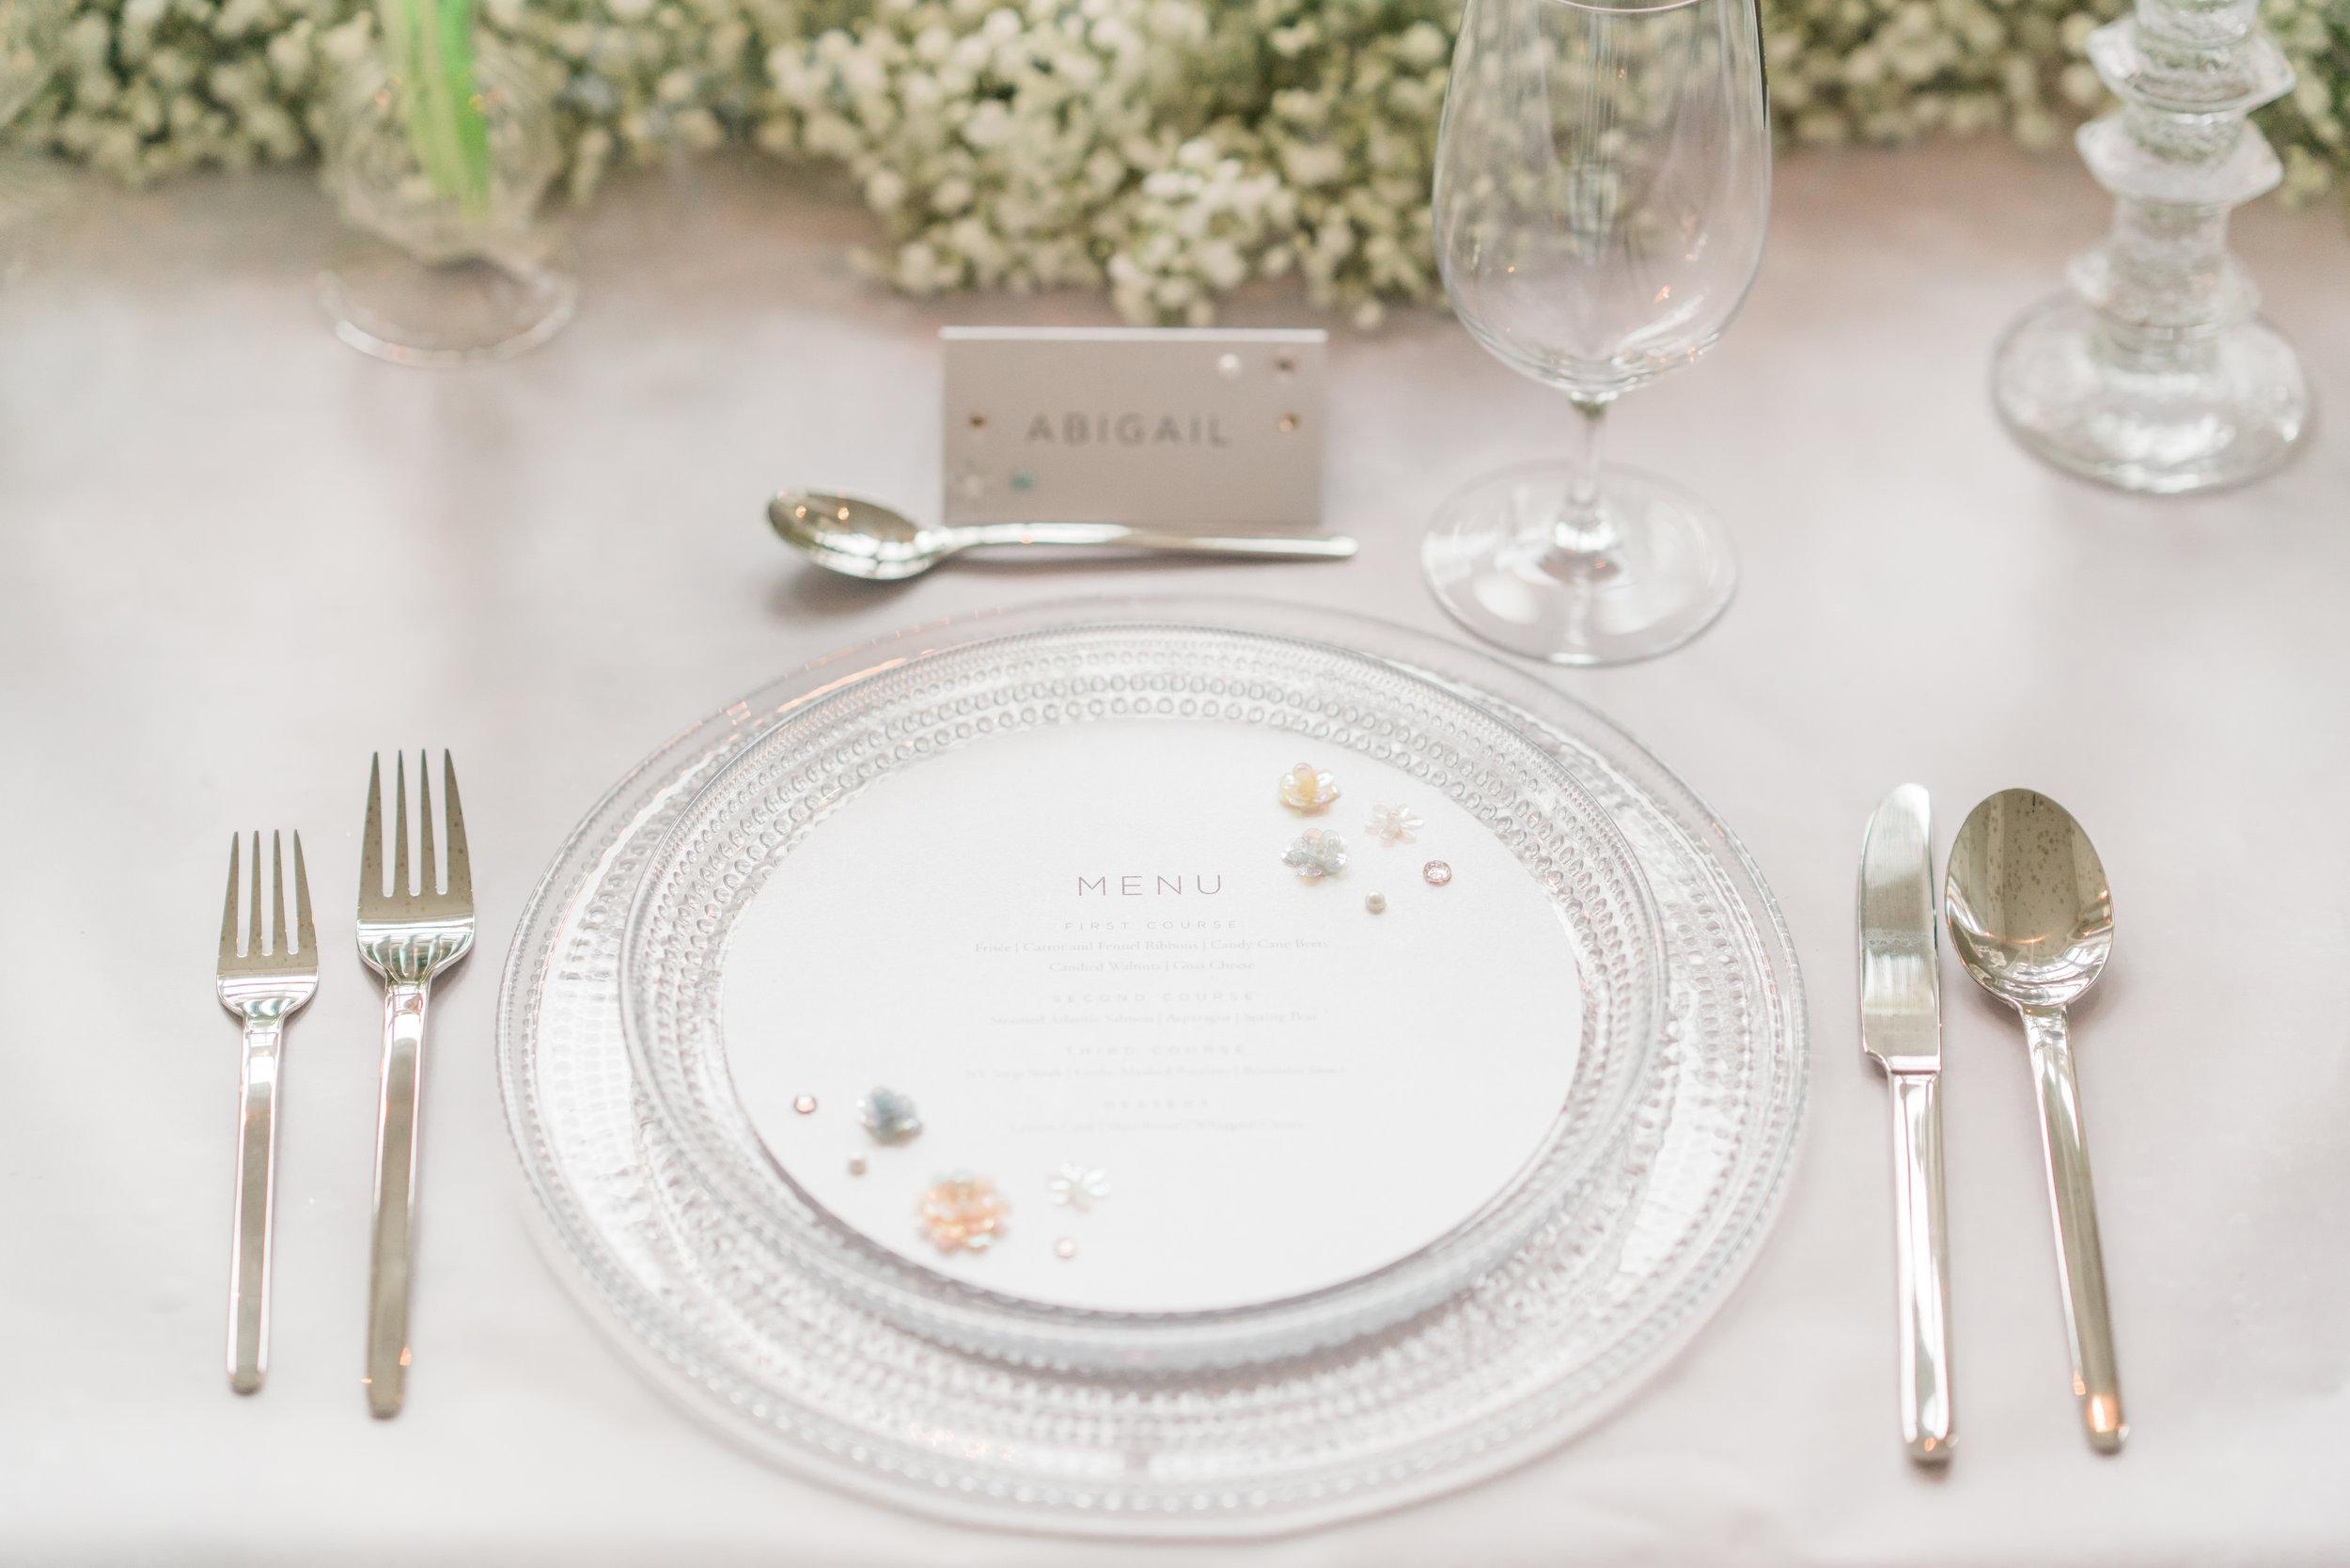 August In Bloom - Tableware and menu - Serene Dream (Wedluxe)